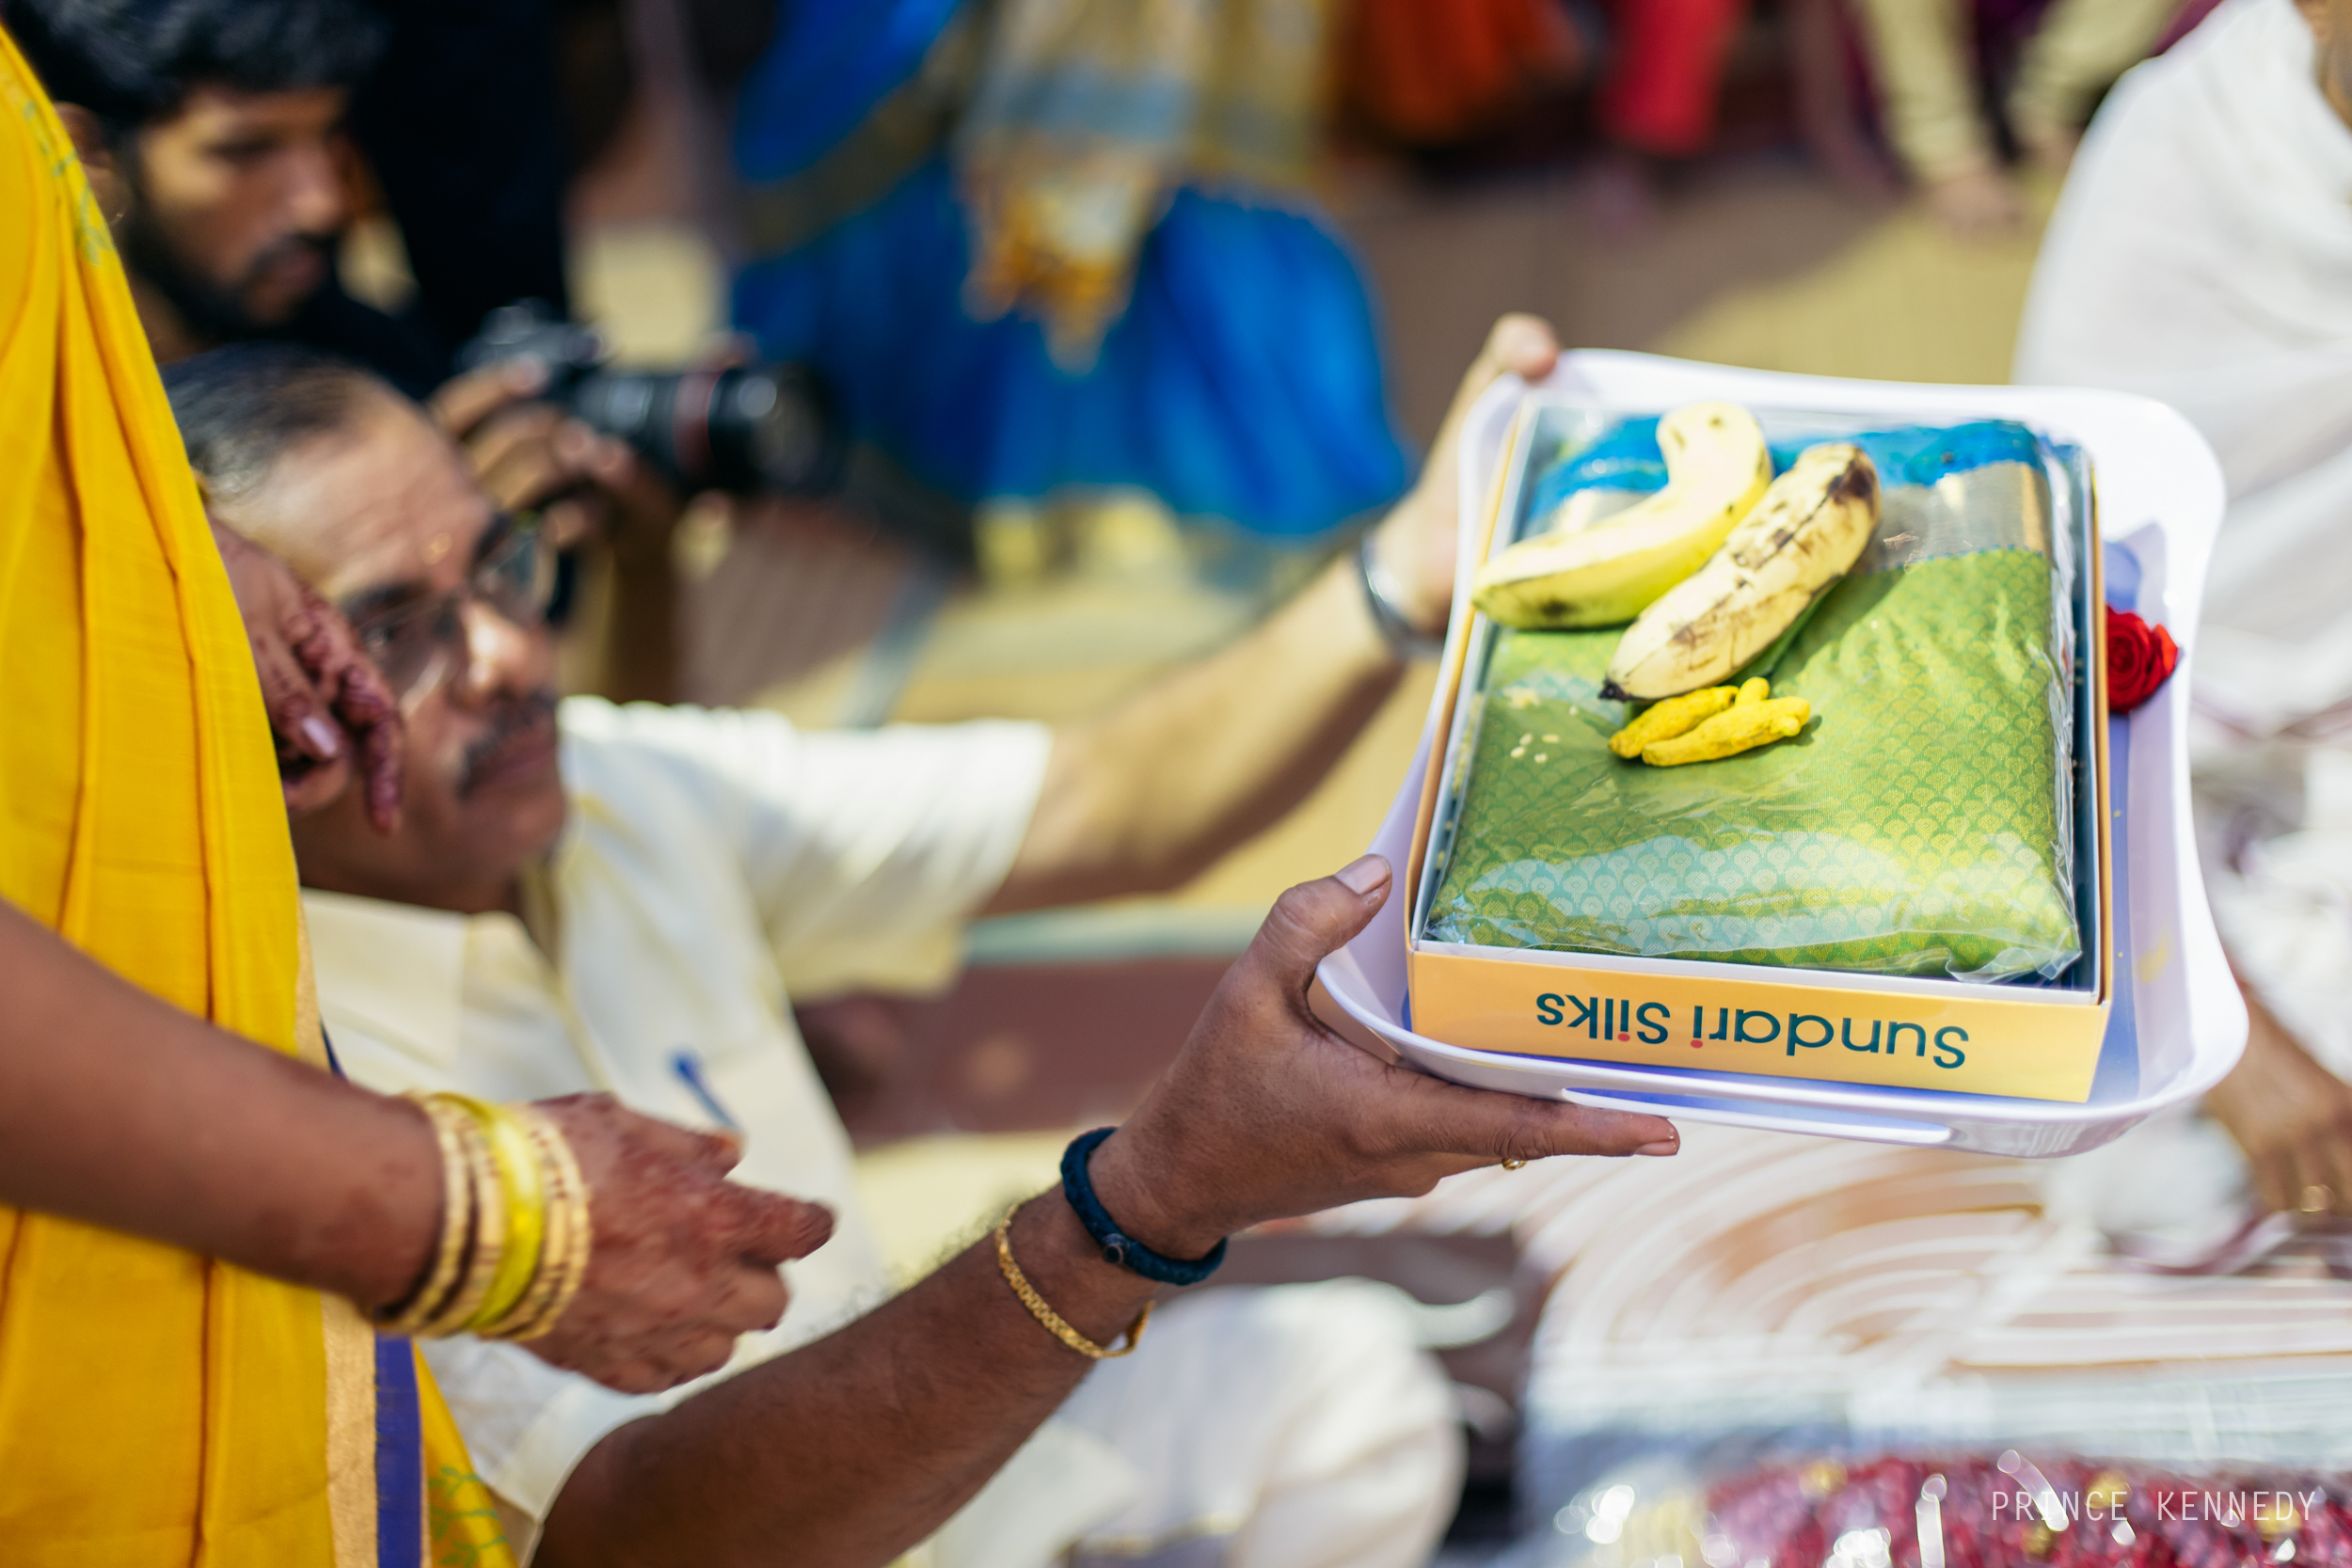 Engagement-Couple-Portrait-Portraiture-Wedding-Couple-Portrait-Chennai-Photographer-Candid-Photography-Destination-Best-Prince-Kennedy-Photography-161.jpg